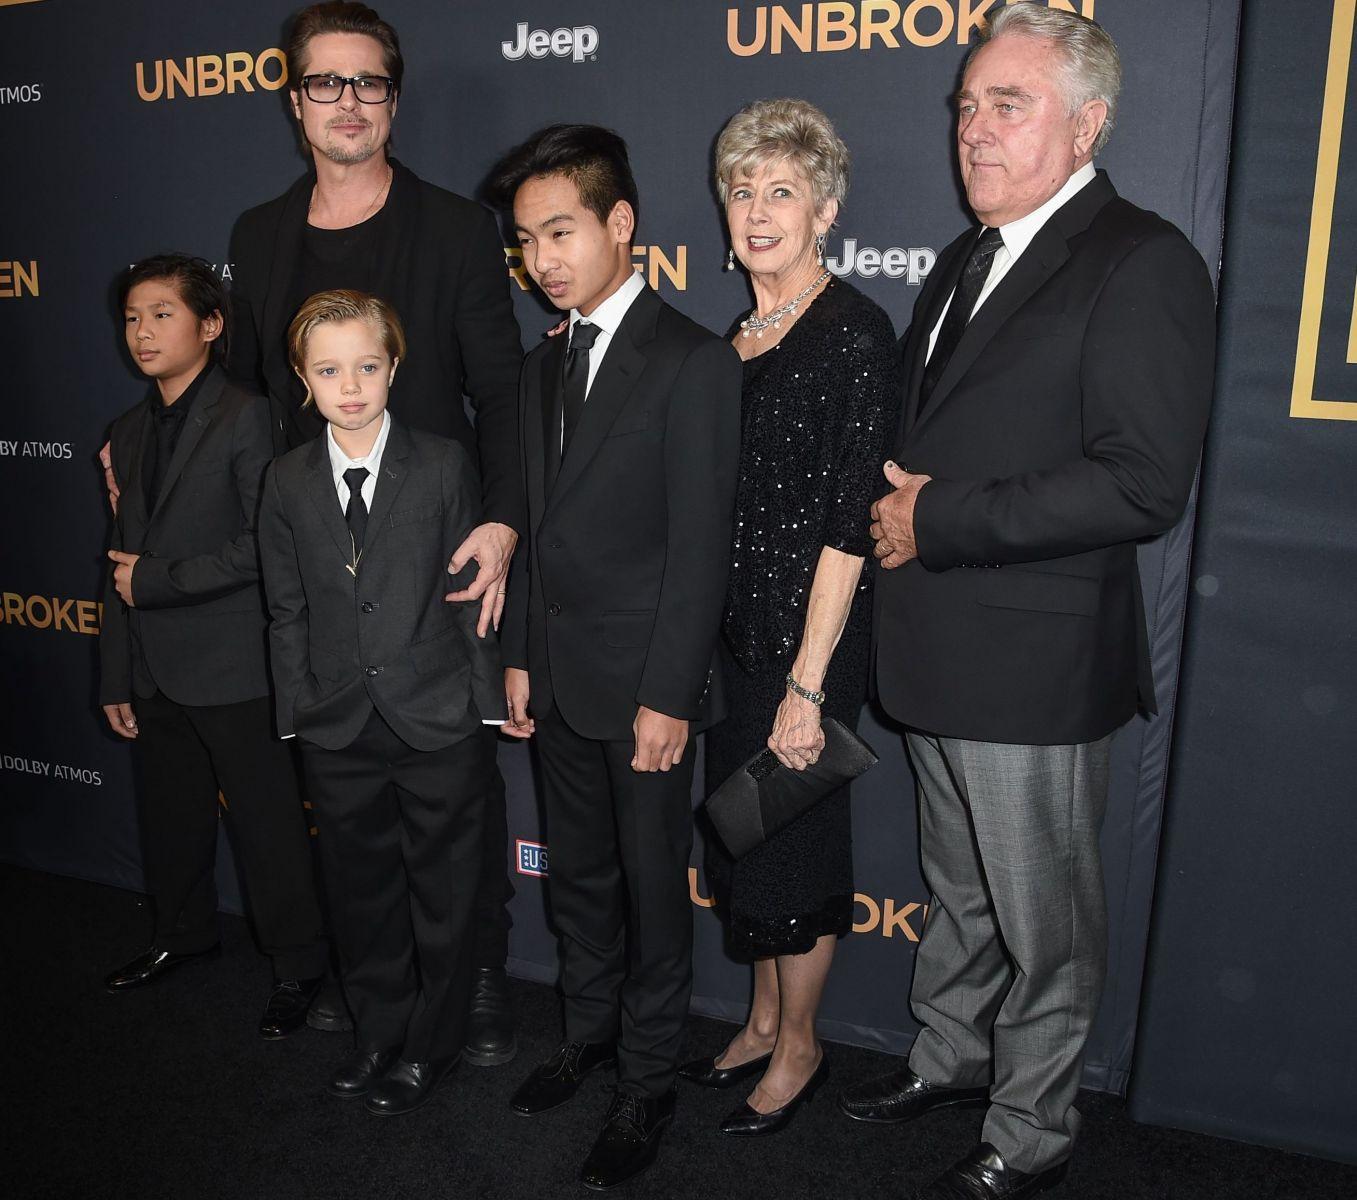 Брэд Питт появился с детьми на премьере